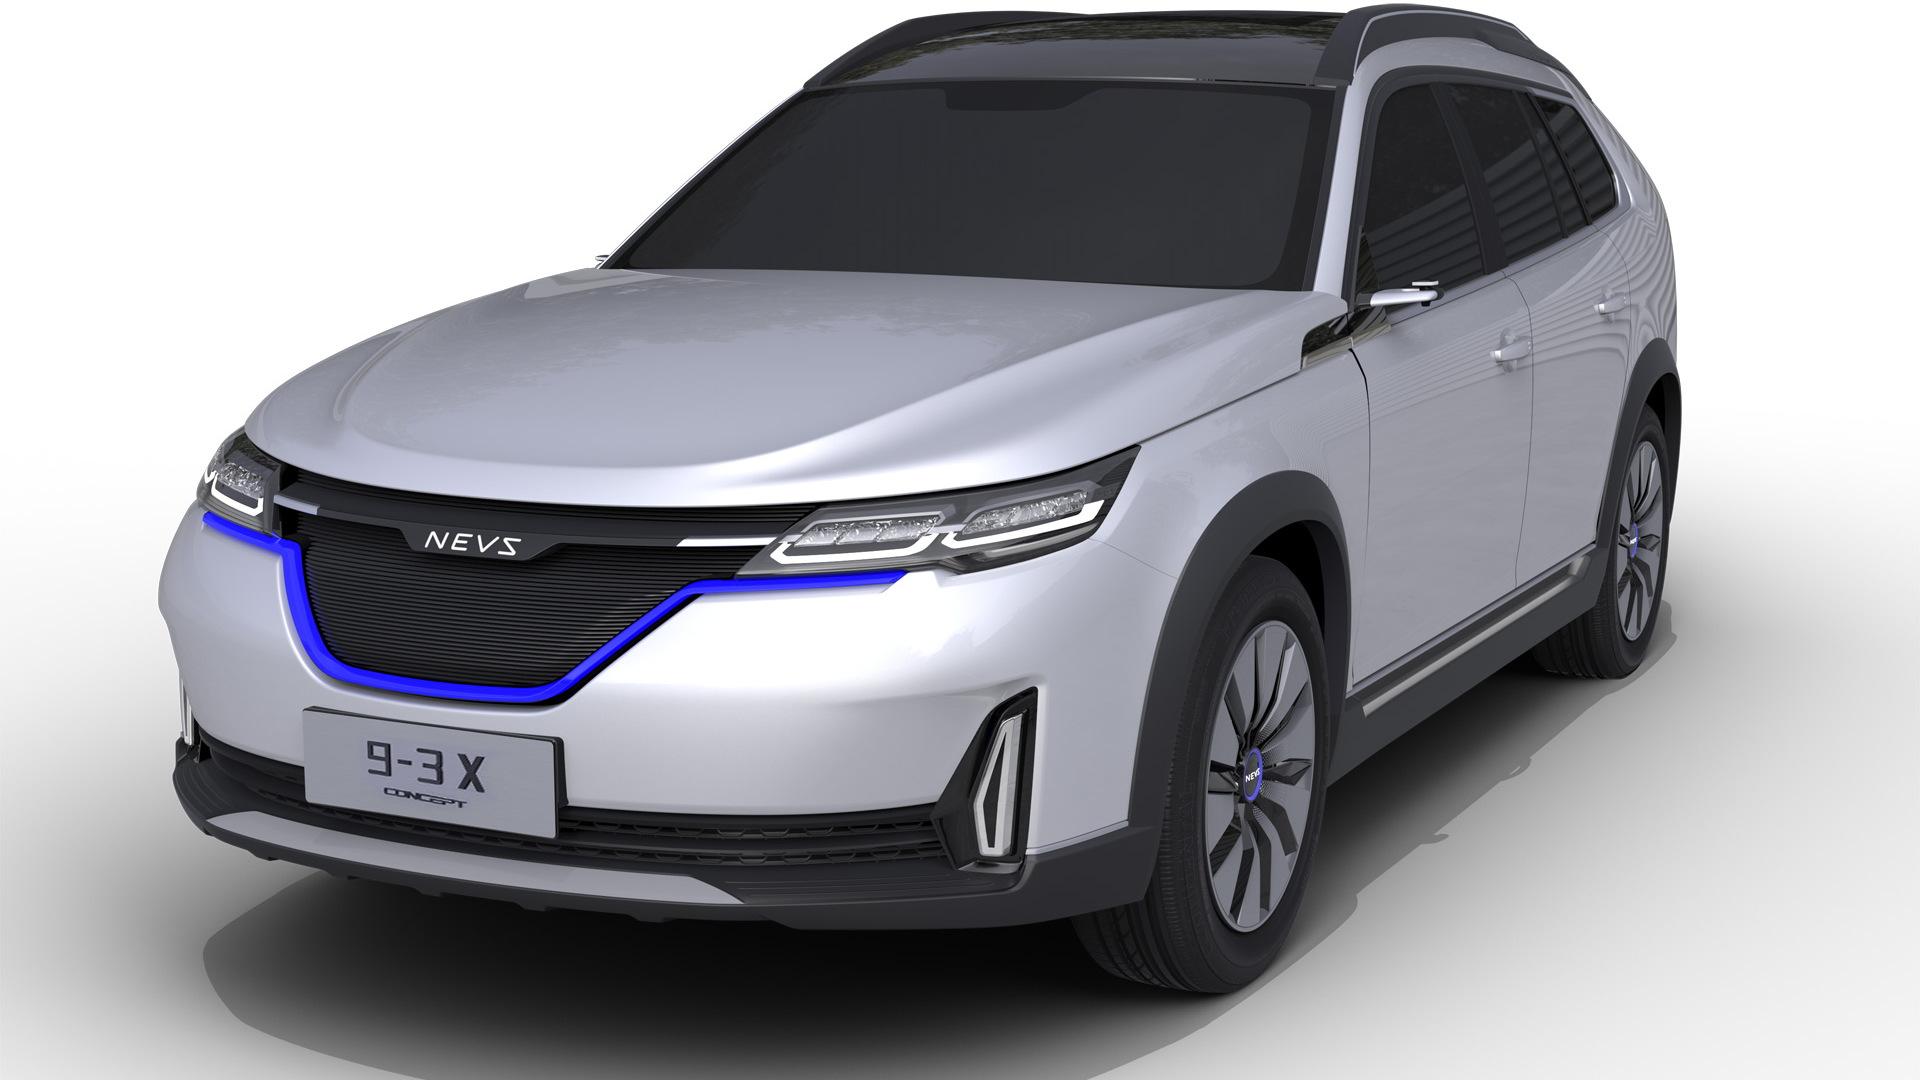 NEVS 9-3X concept, 2017 CES Asia